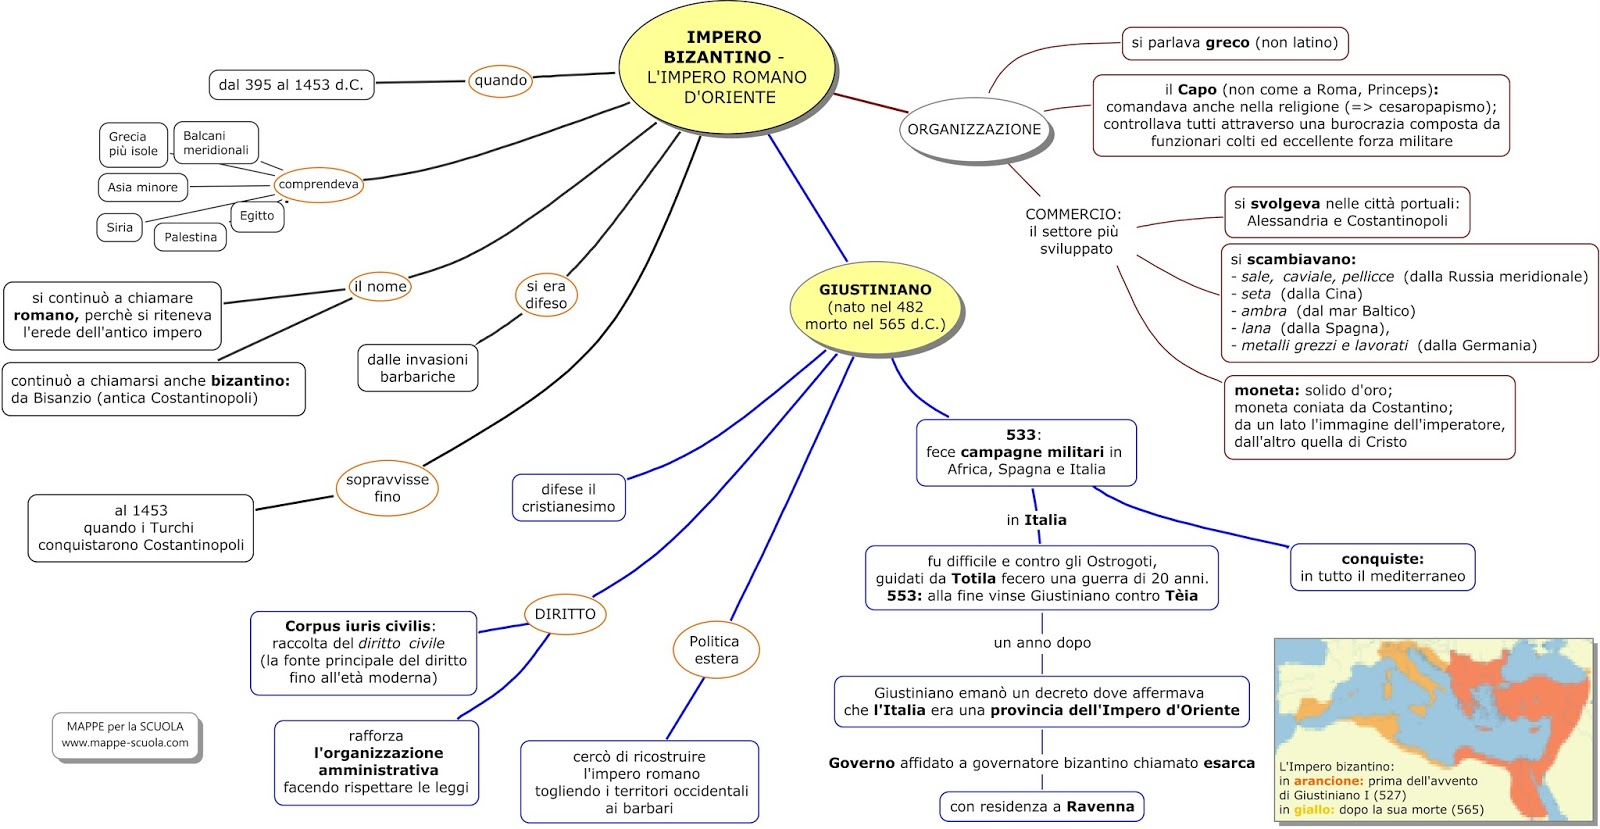 Conosciuto MAPPE per la SCUOLA: IMPERO BIZANTINO - GIUSTINIANO KY02